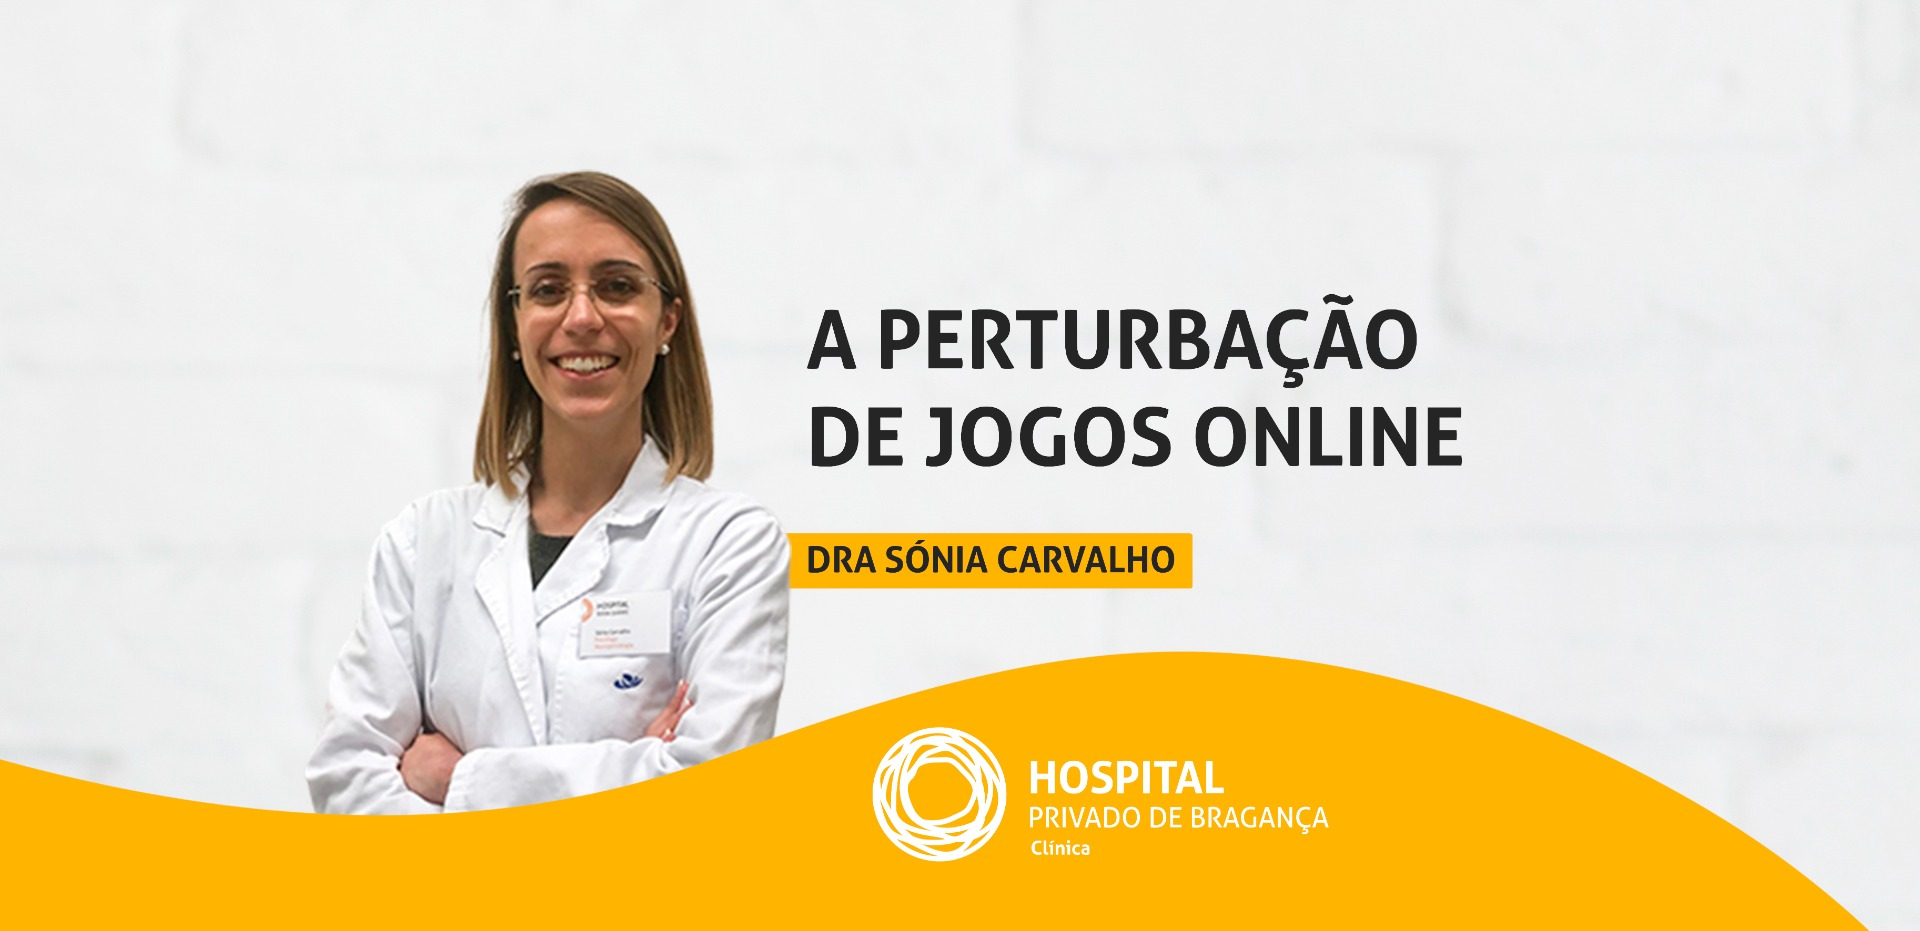 Dra. Sónia Carvalho: Perturbação de Jogos Online